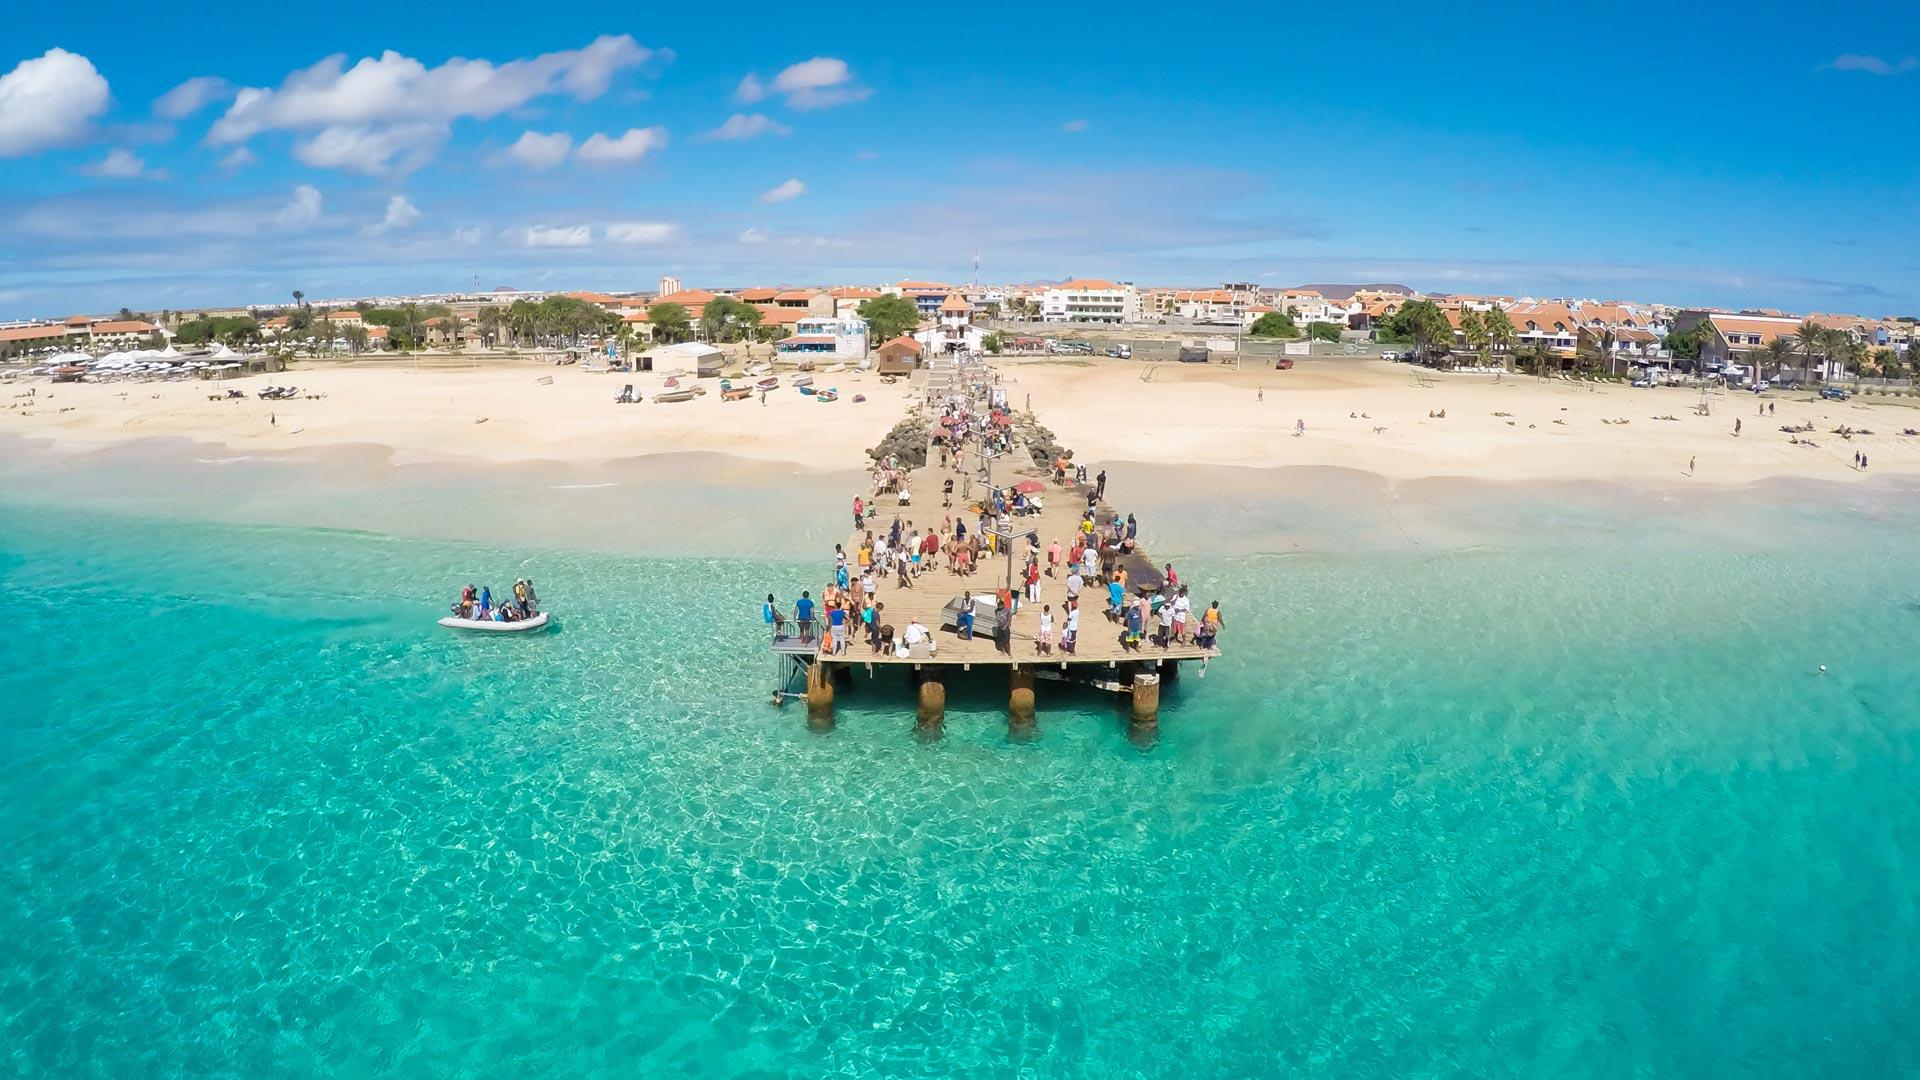 Considérée comme l'une des plus belles plages du Cap-Vert, la Baie de Santa Maria, lieu de villégiature par excellence pour les amoureux du balnéaire et des sports liés à la mer